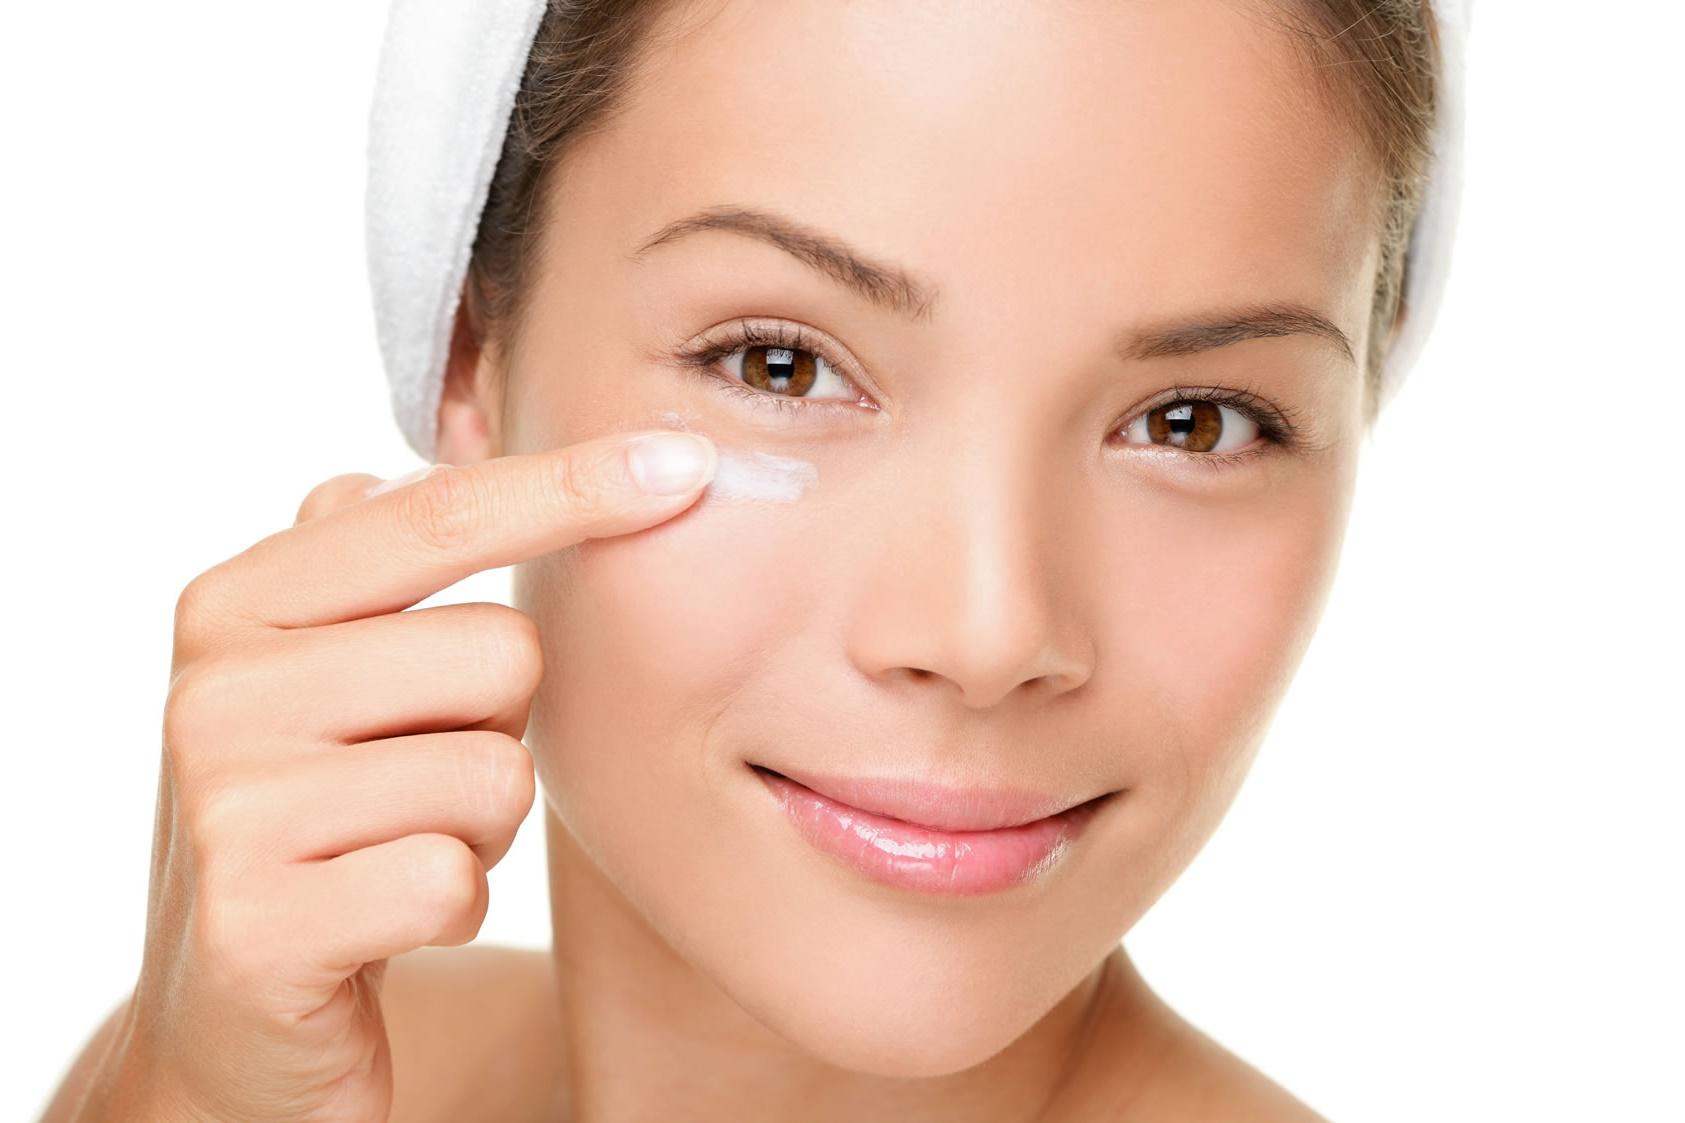 Антивозрастные кремы от морщин вокруг глаз: правила выбора и особенности препаратов различных брендов